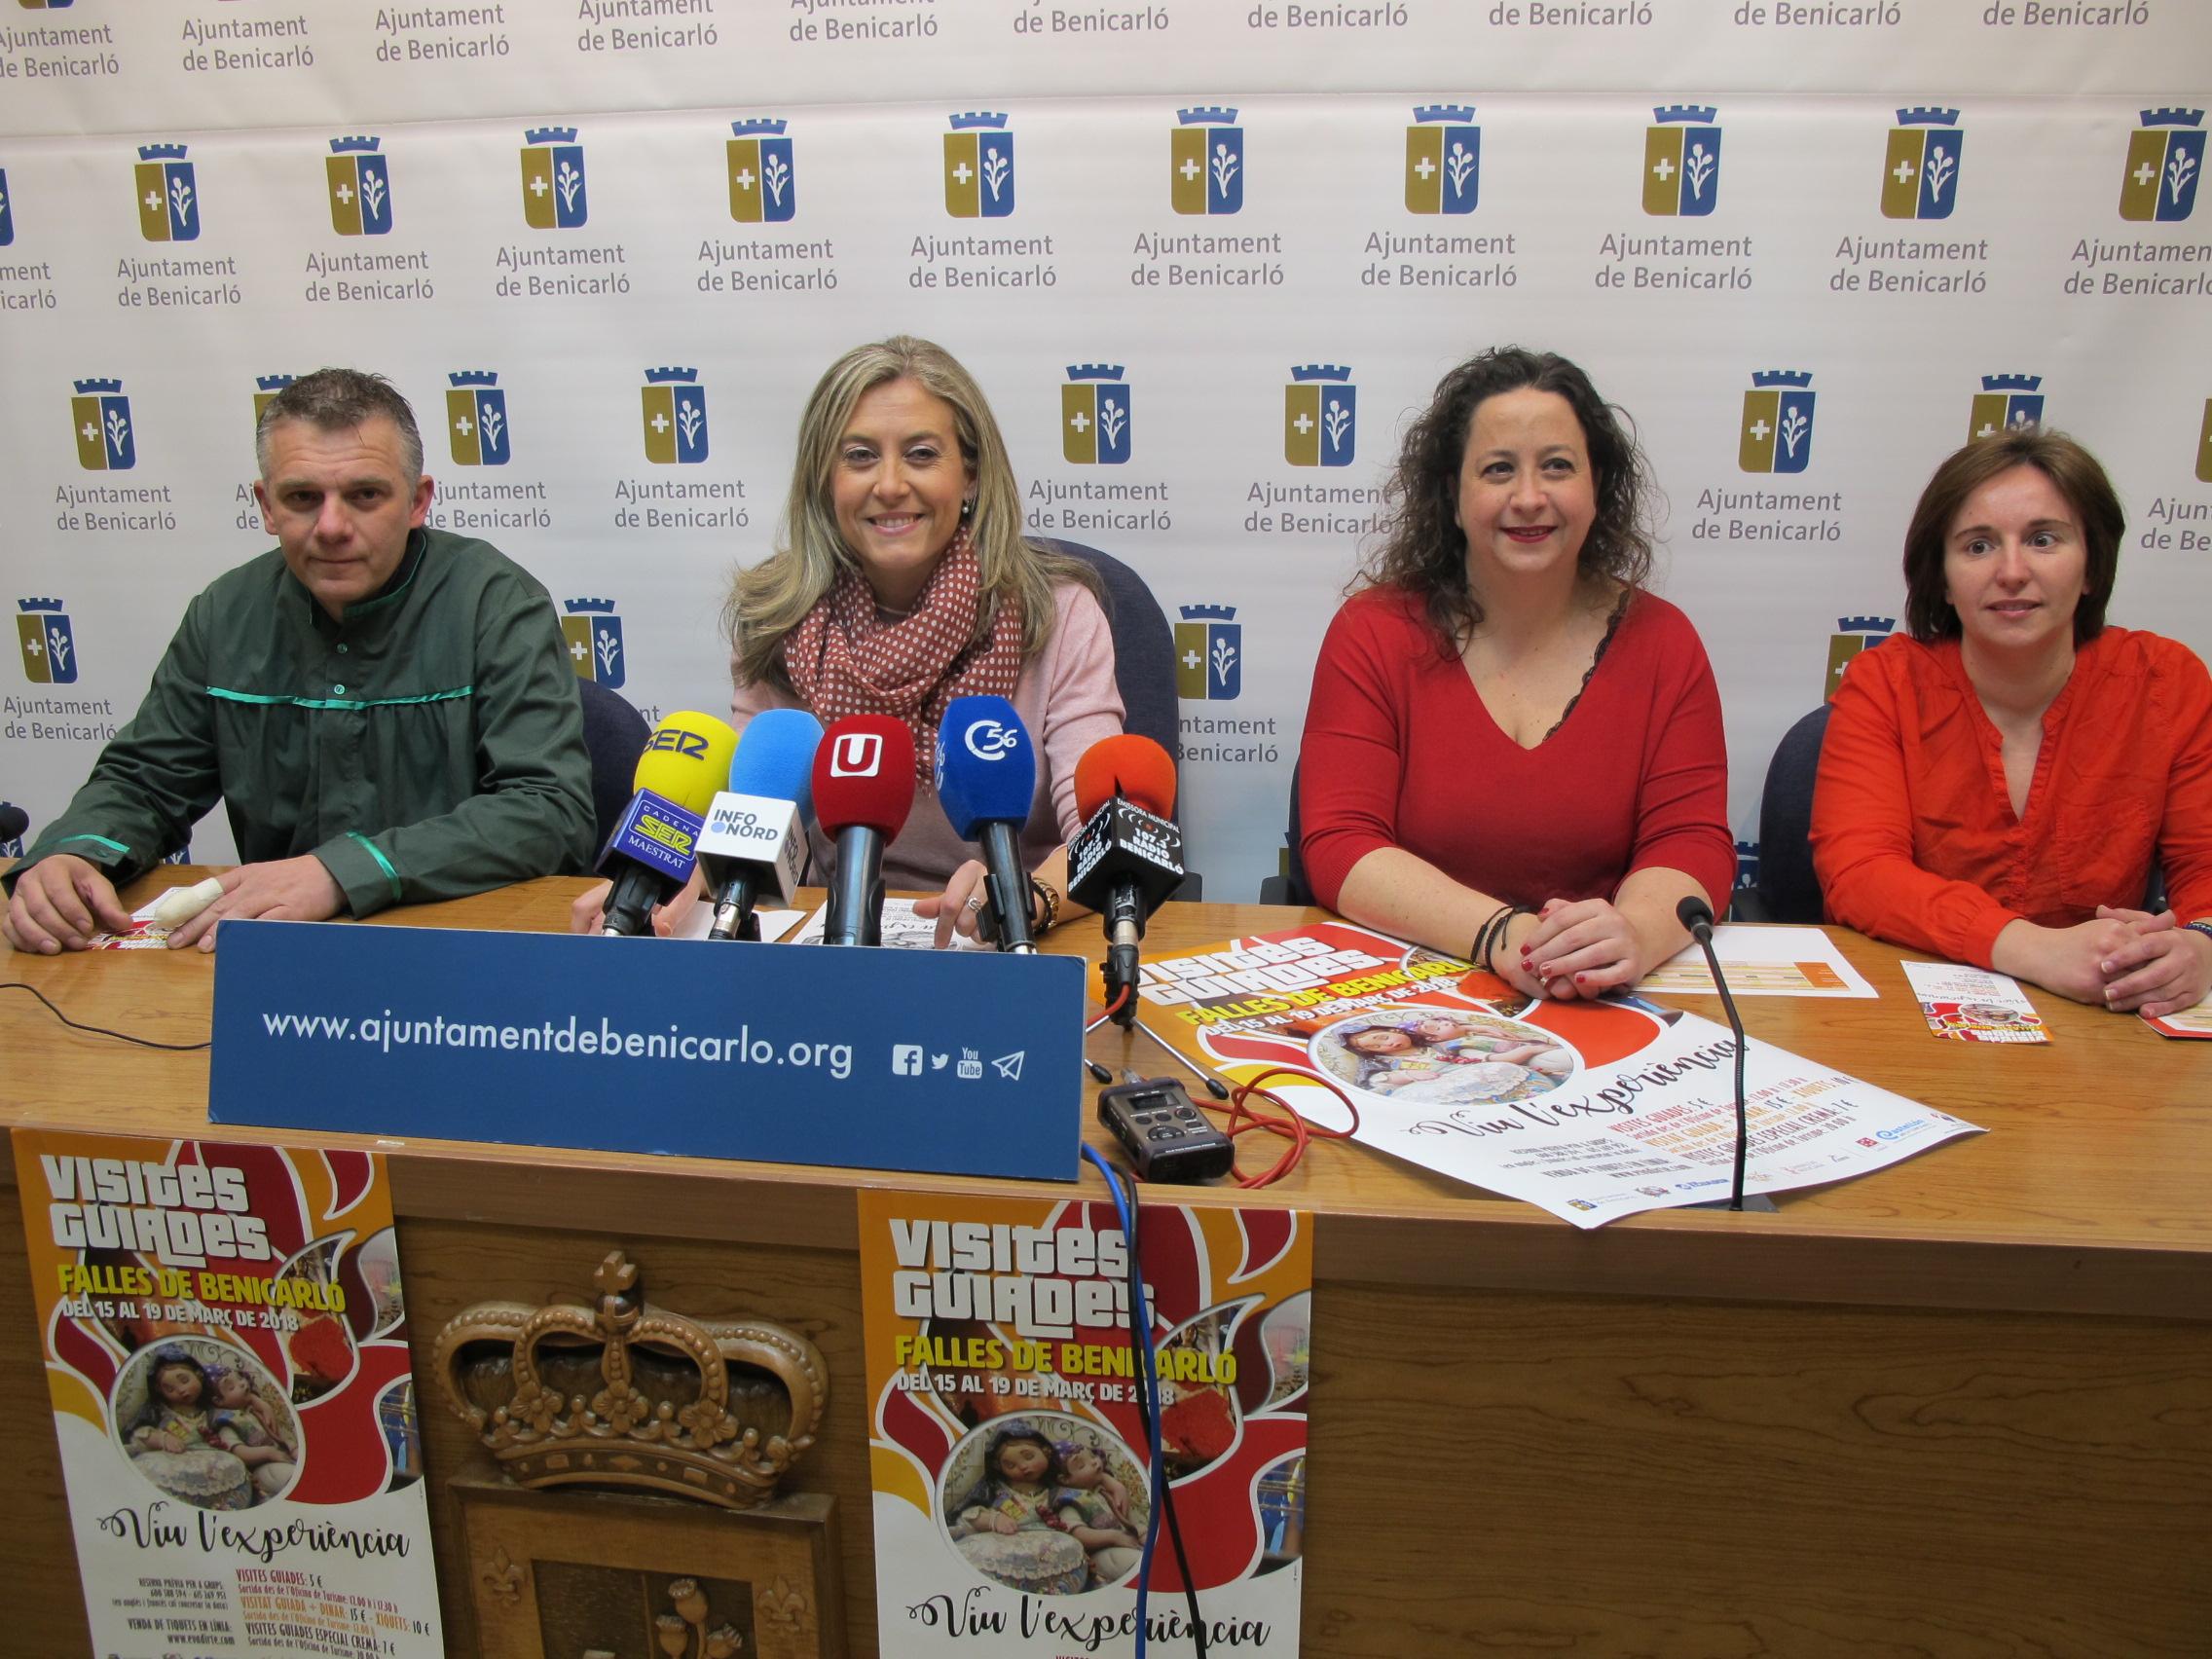 Benicarló organitzarà del 15 al 19 de març visites guiades als monuments fallers